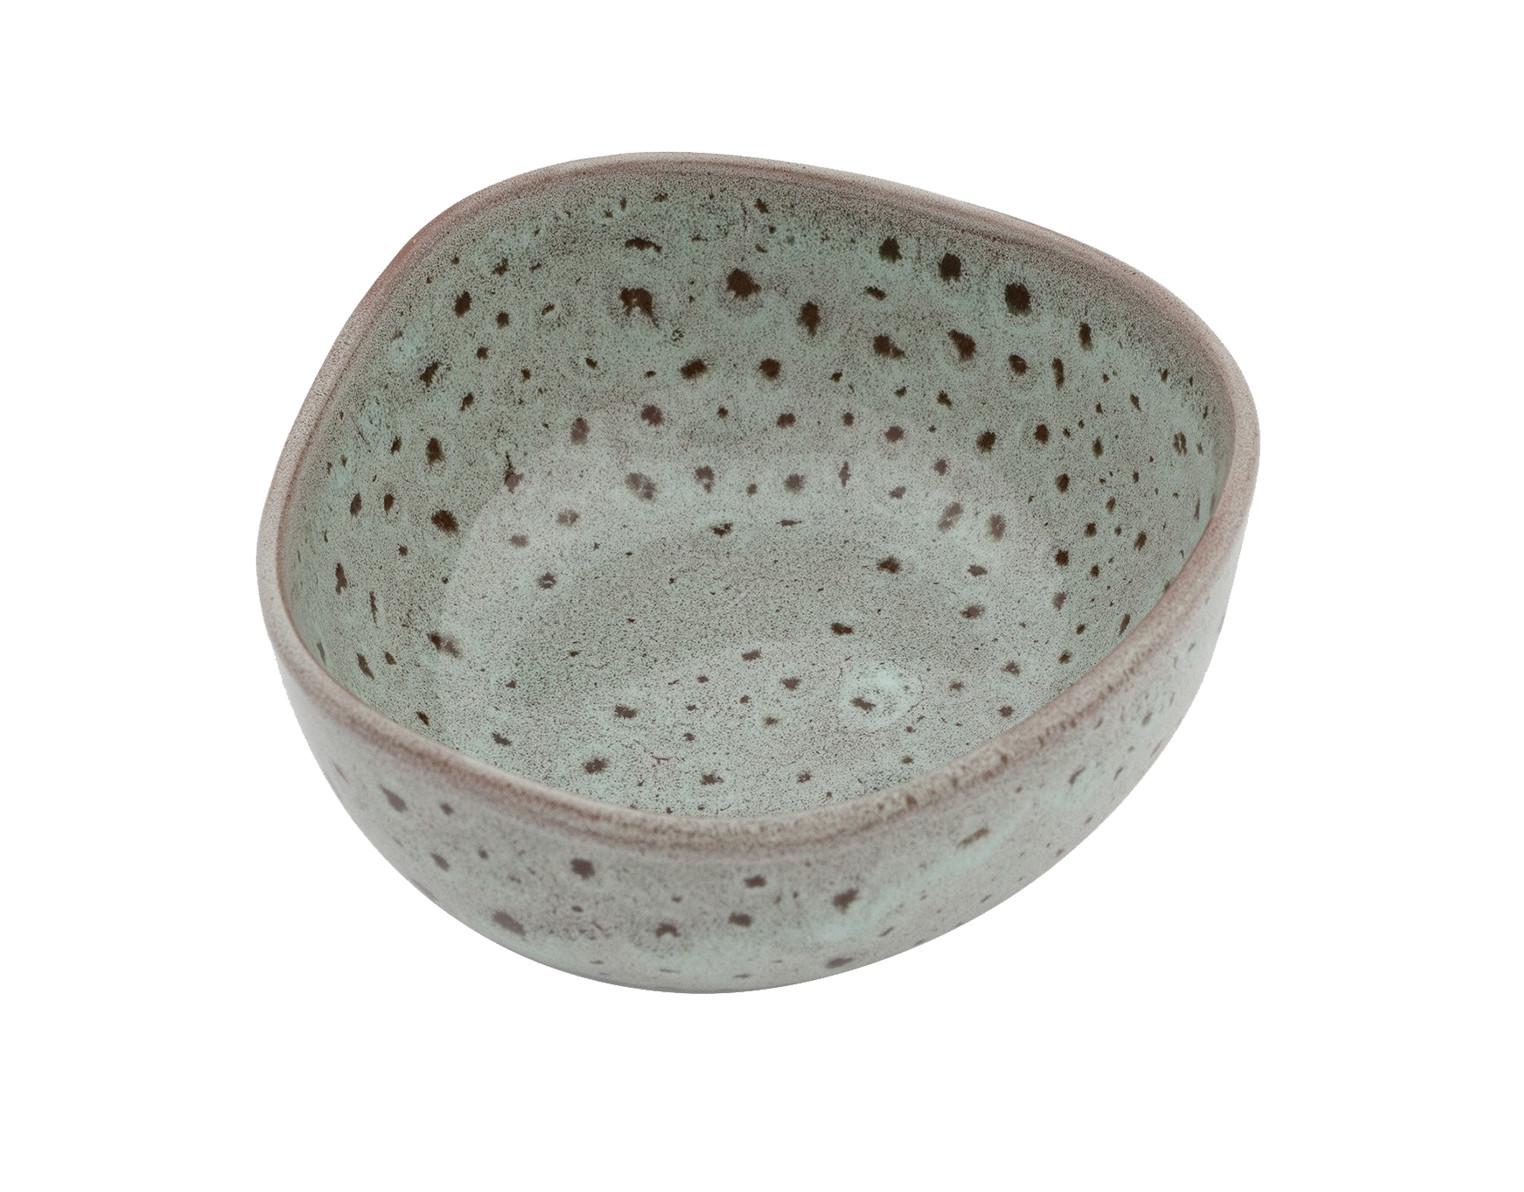 Μπολ Πορσελάνης Granite Glased Beige 9cm